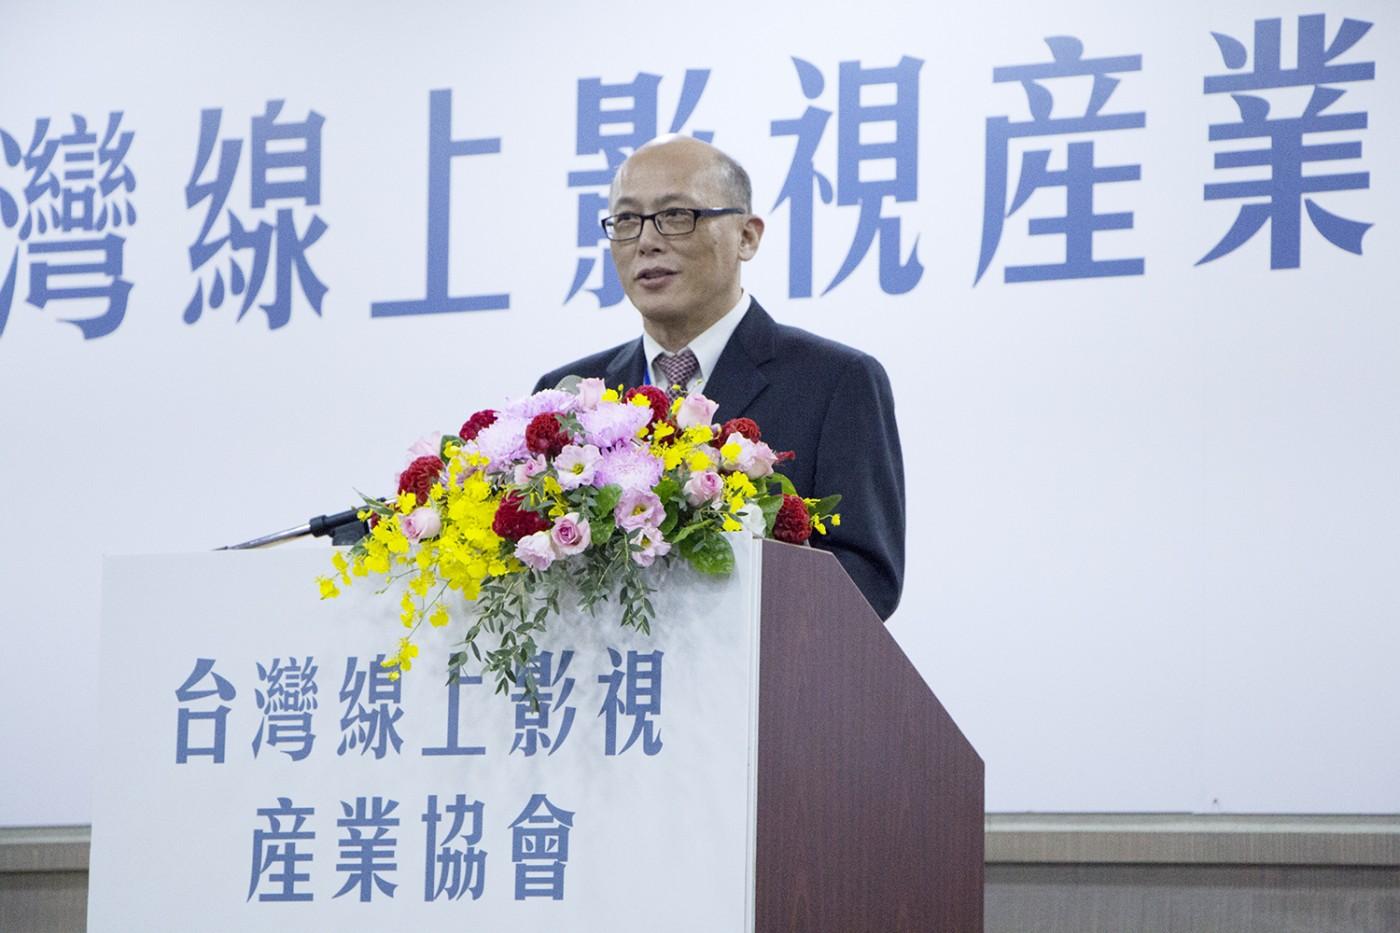 台灣OTT協會成立,第一步要對抗共同敵人:盜版